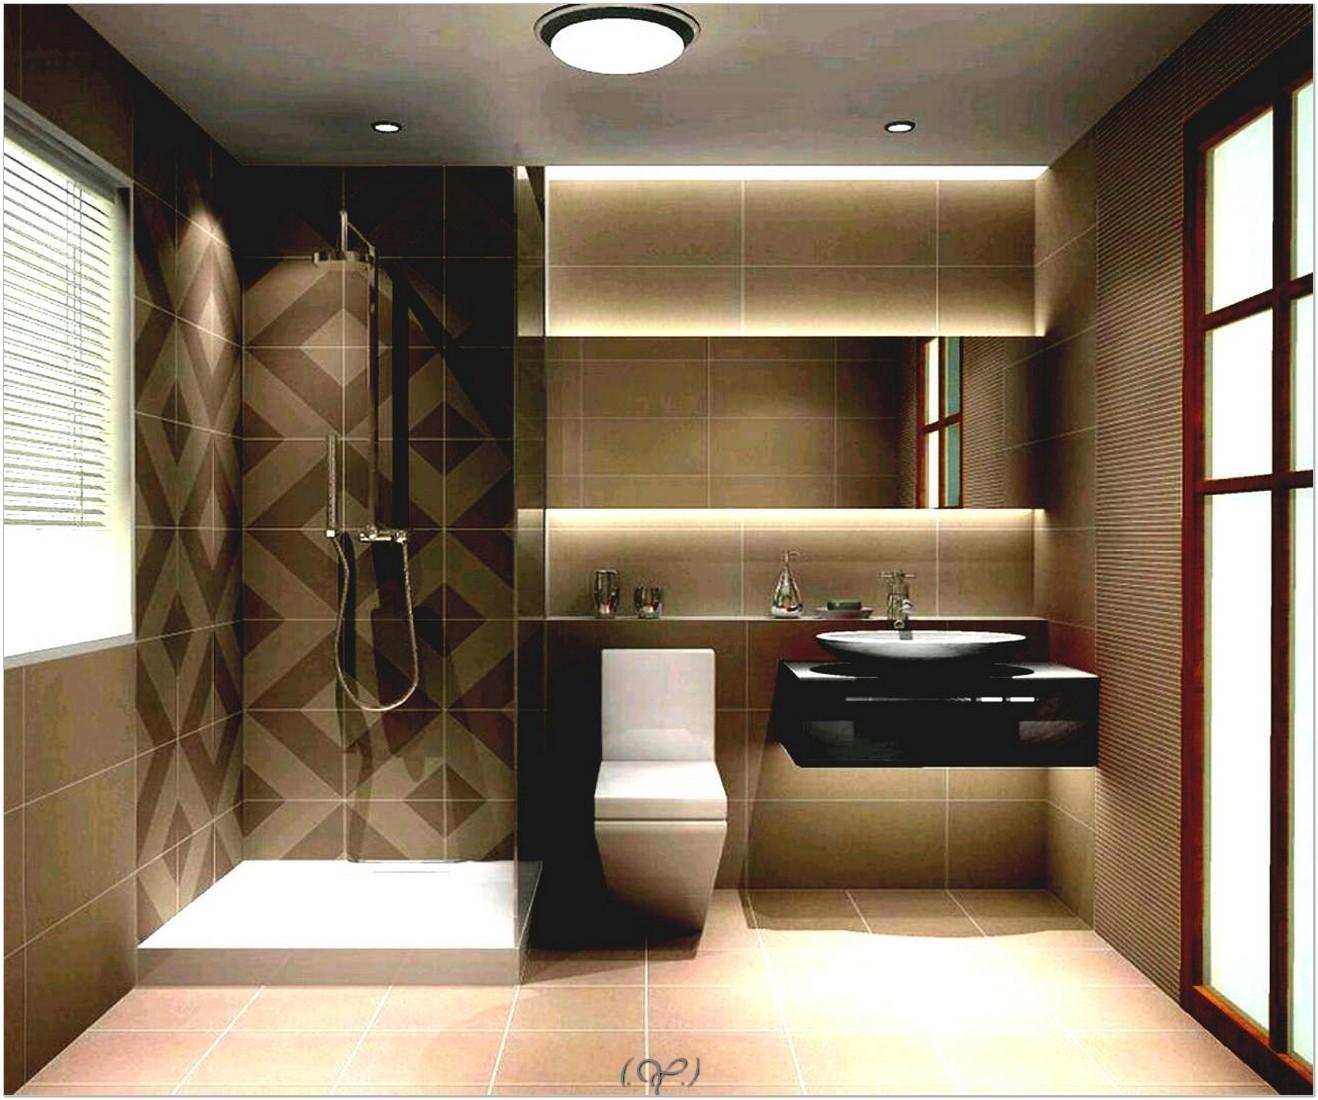 Gambar hiasan dalaman bilik air kecil dengan cahaya lampu yang awesome